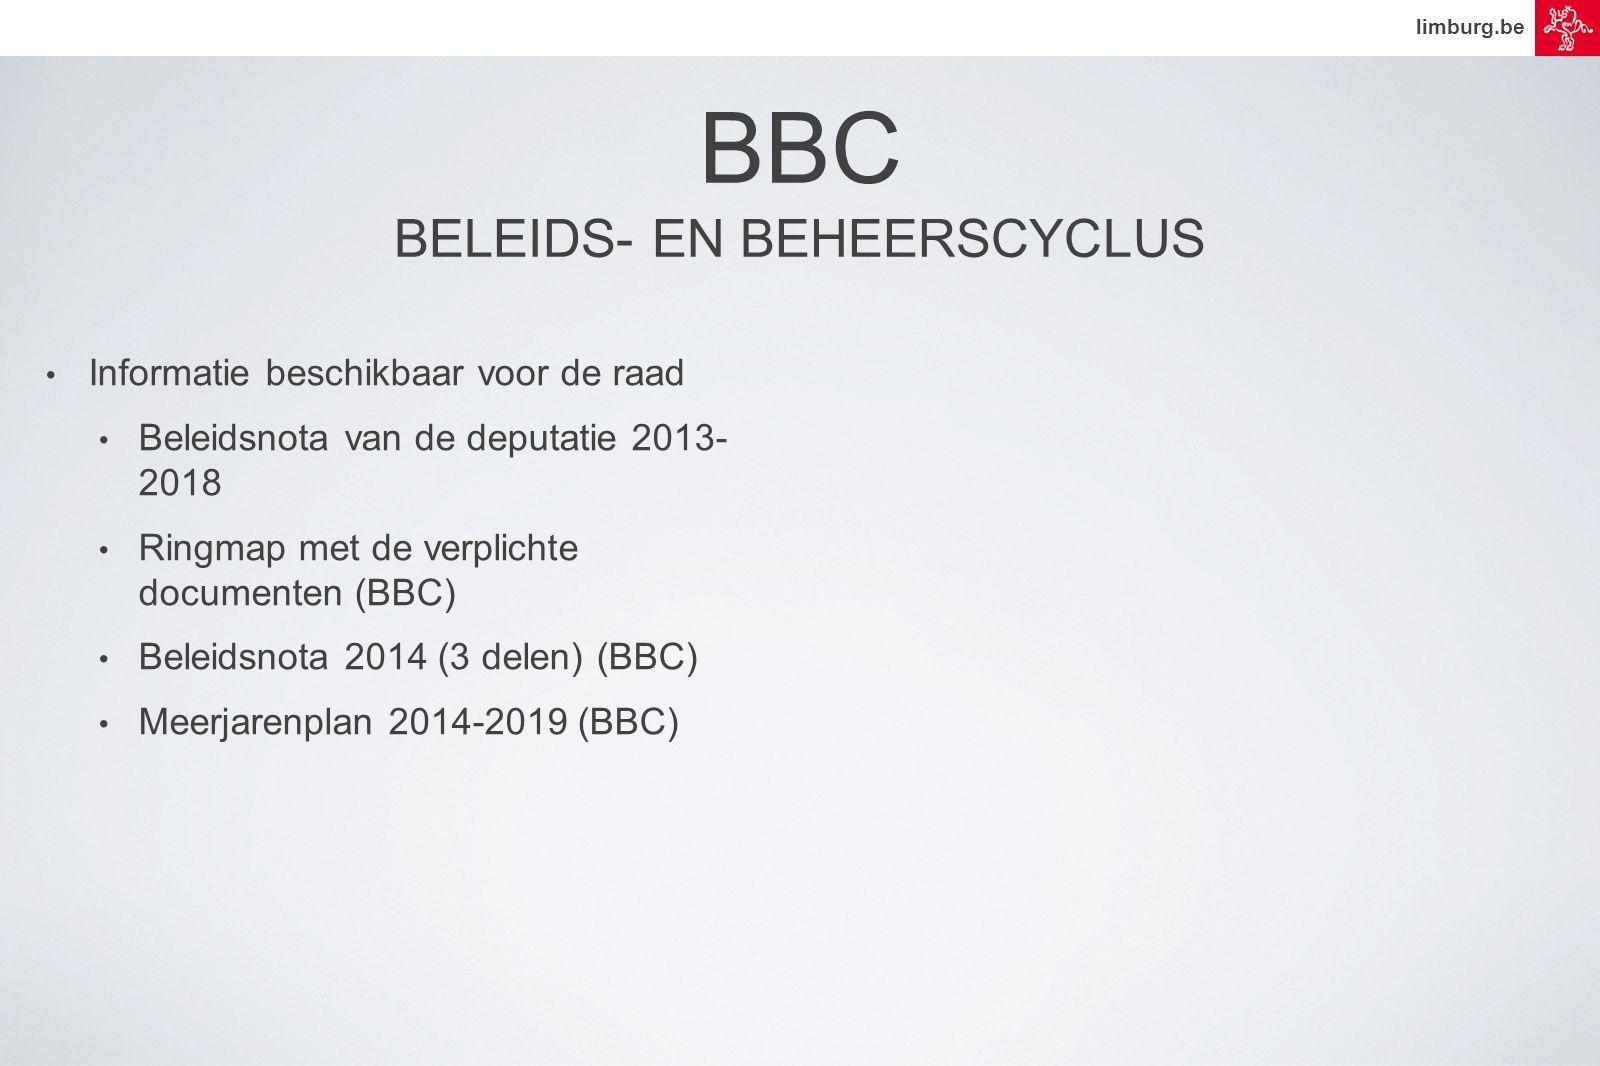 limburg.be • Informatie beschikbaar voor de raad • Beleidsnota van de deputatie 2013- 2018 • Ringmap met de verplichte documenten (BBC) • Beleidsnota 2014 (3 delen) (BBC) • Meerjarenplan 2014-2019 (BBC) BBC BELEIDS- EN BEHEERSCYCLUS